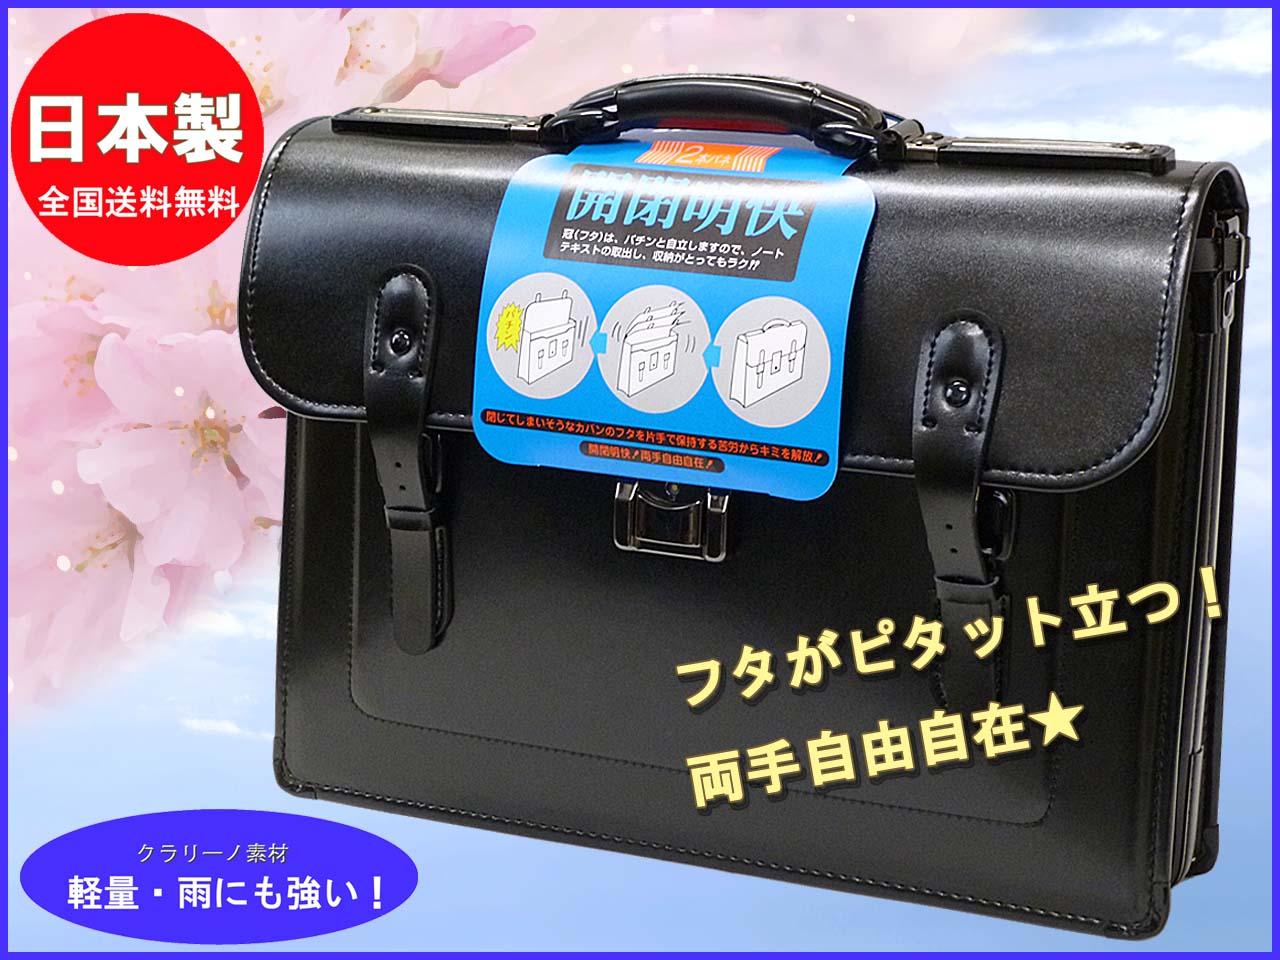 日本製 学生カバン 学生かばん 学生鞄 クラリーノ 手提げカバン 開閉式 自立タイプ 丈夫な2本バネ d-2 マチ幅伸縮可能 即日発送!